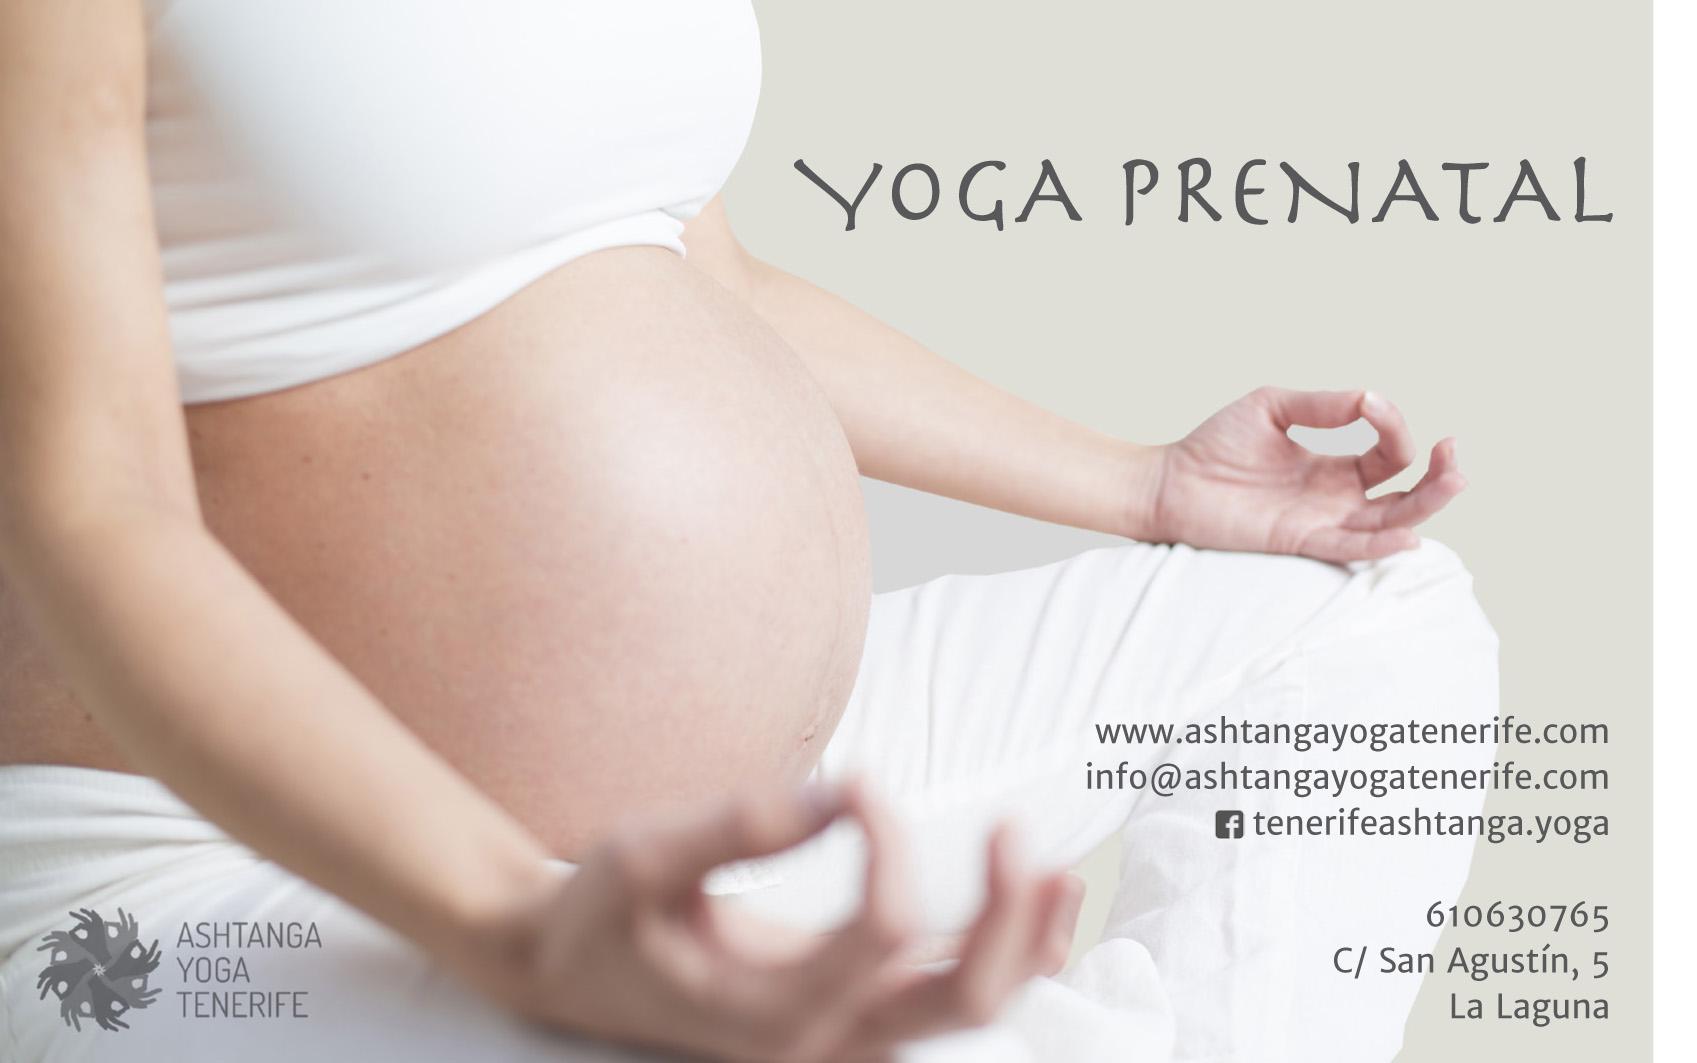 Yoga prenatal cartel